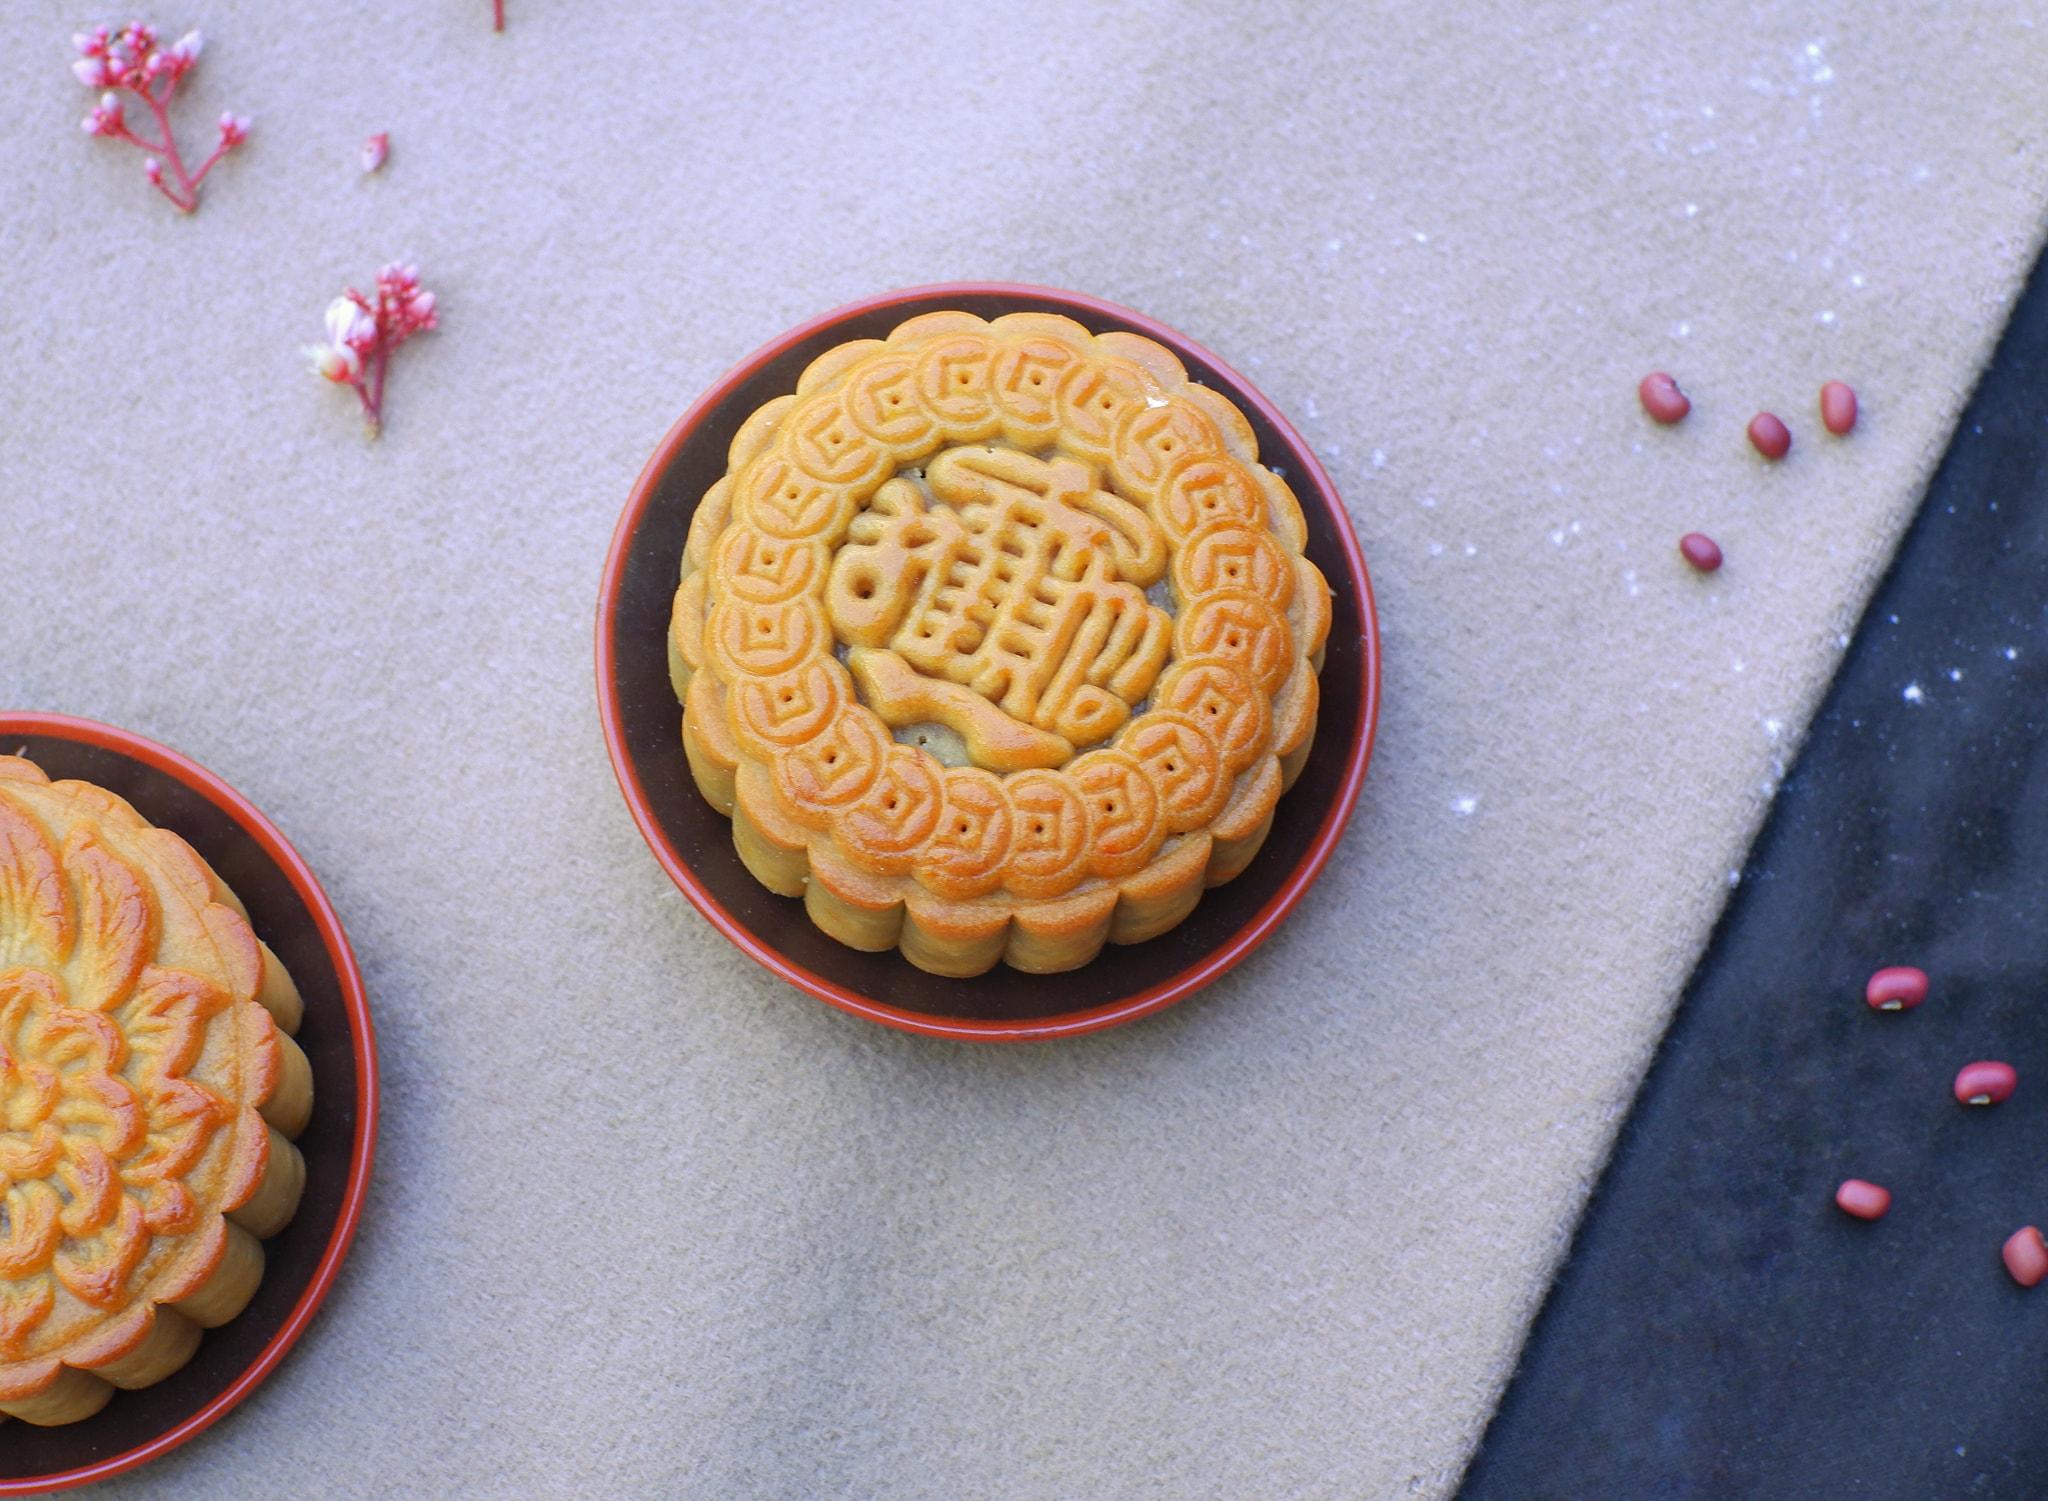 những chiếc bánh trung thu 10 những chiếc bánh trung thu Những chiếc bánh Trung thu đẹp nức nở mà chẳng nỡ ăn nhung chiec banh trung thu 10